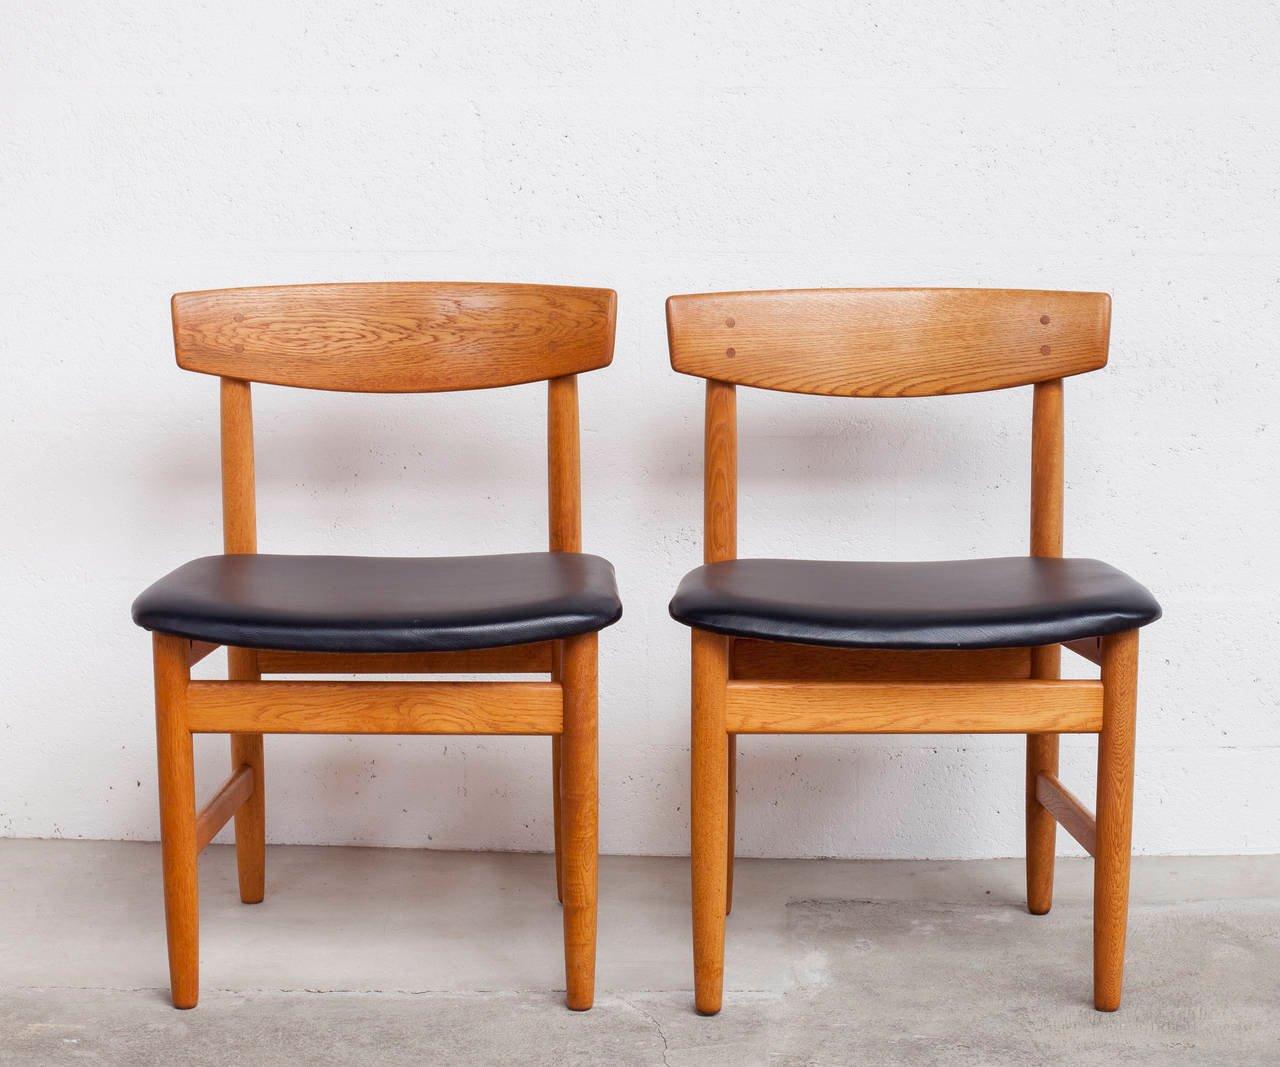 eichenst hle von b rge mogensen f r ab karl andersson 1955 2er set bei pamono kaufen. Black Bedroom Furniture Sets. Home Design Ideas